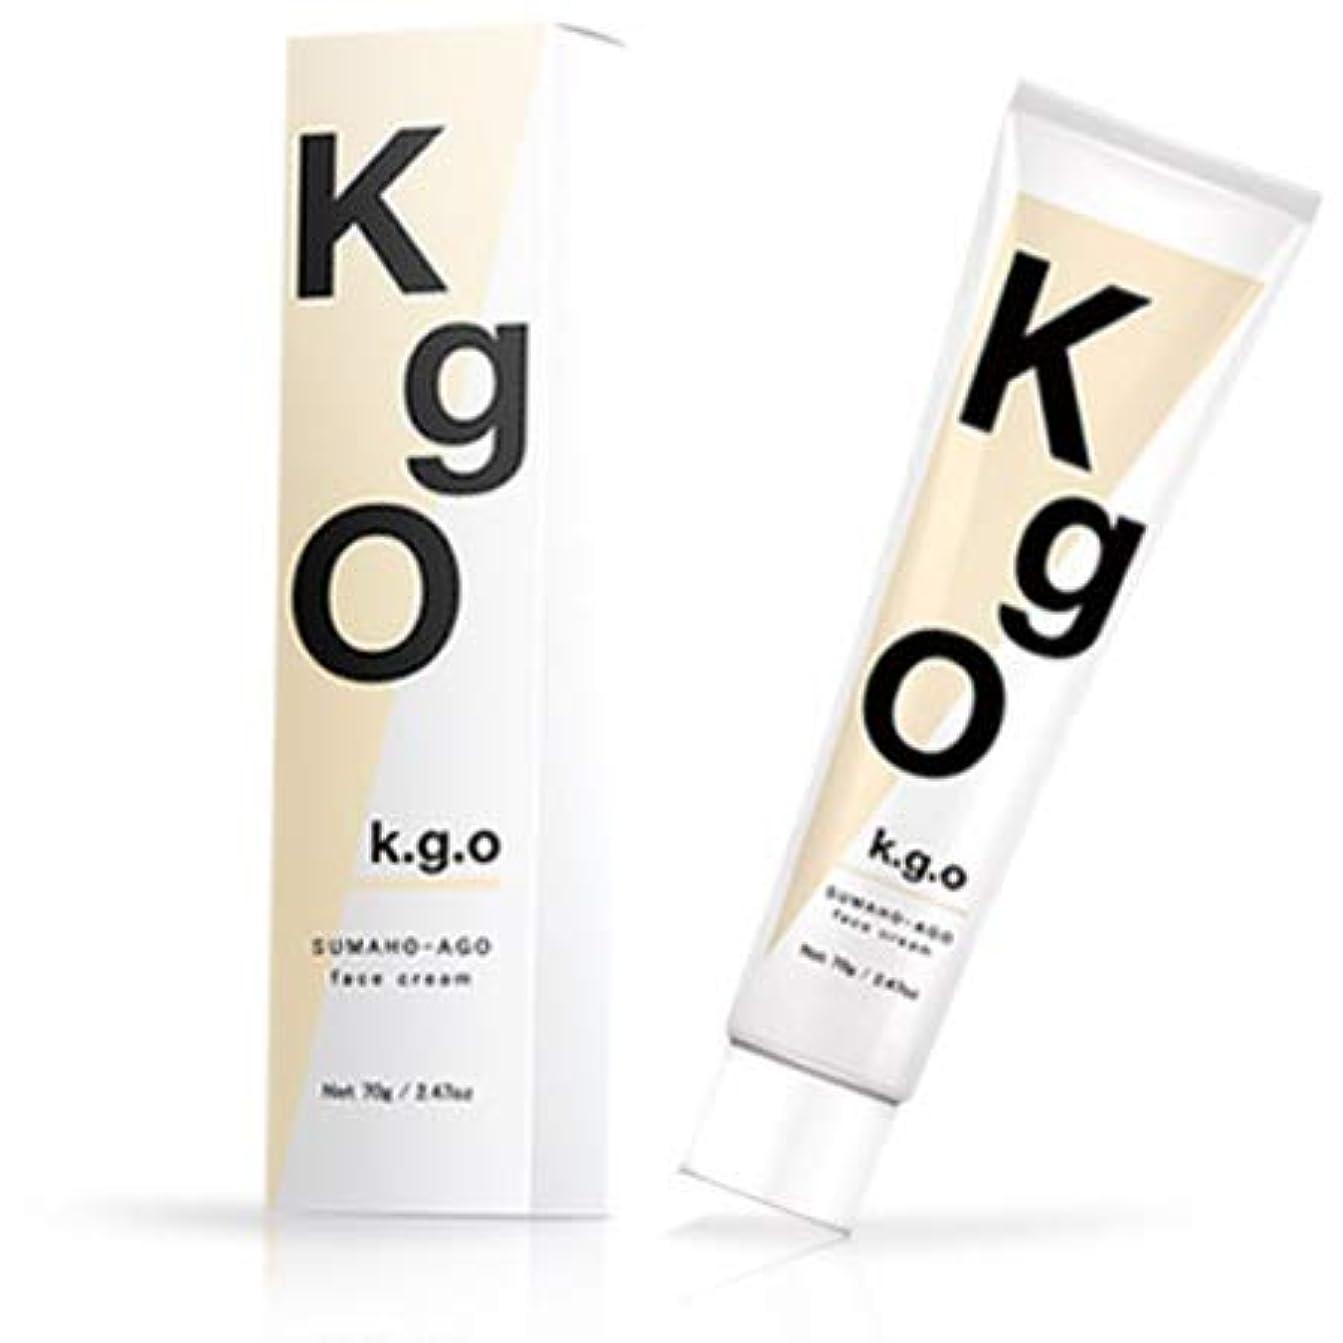 横実行新聞K.g.O SUMAHO-AGO face cream ケージーオー スマホあご フェイスクリーム 70g (単品)